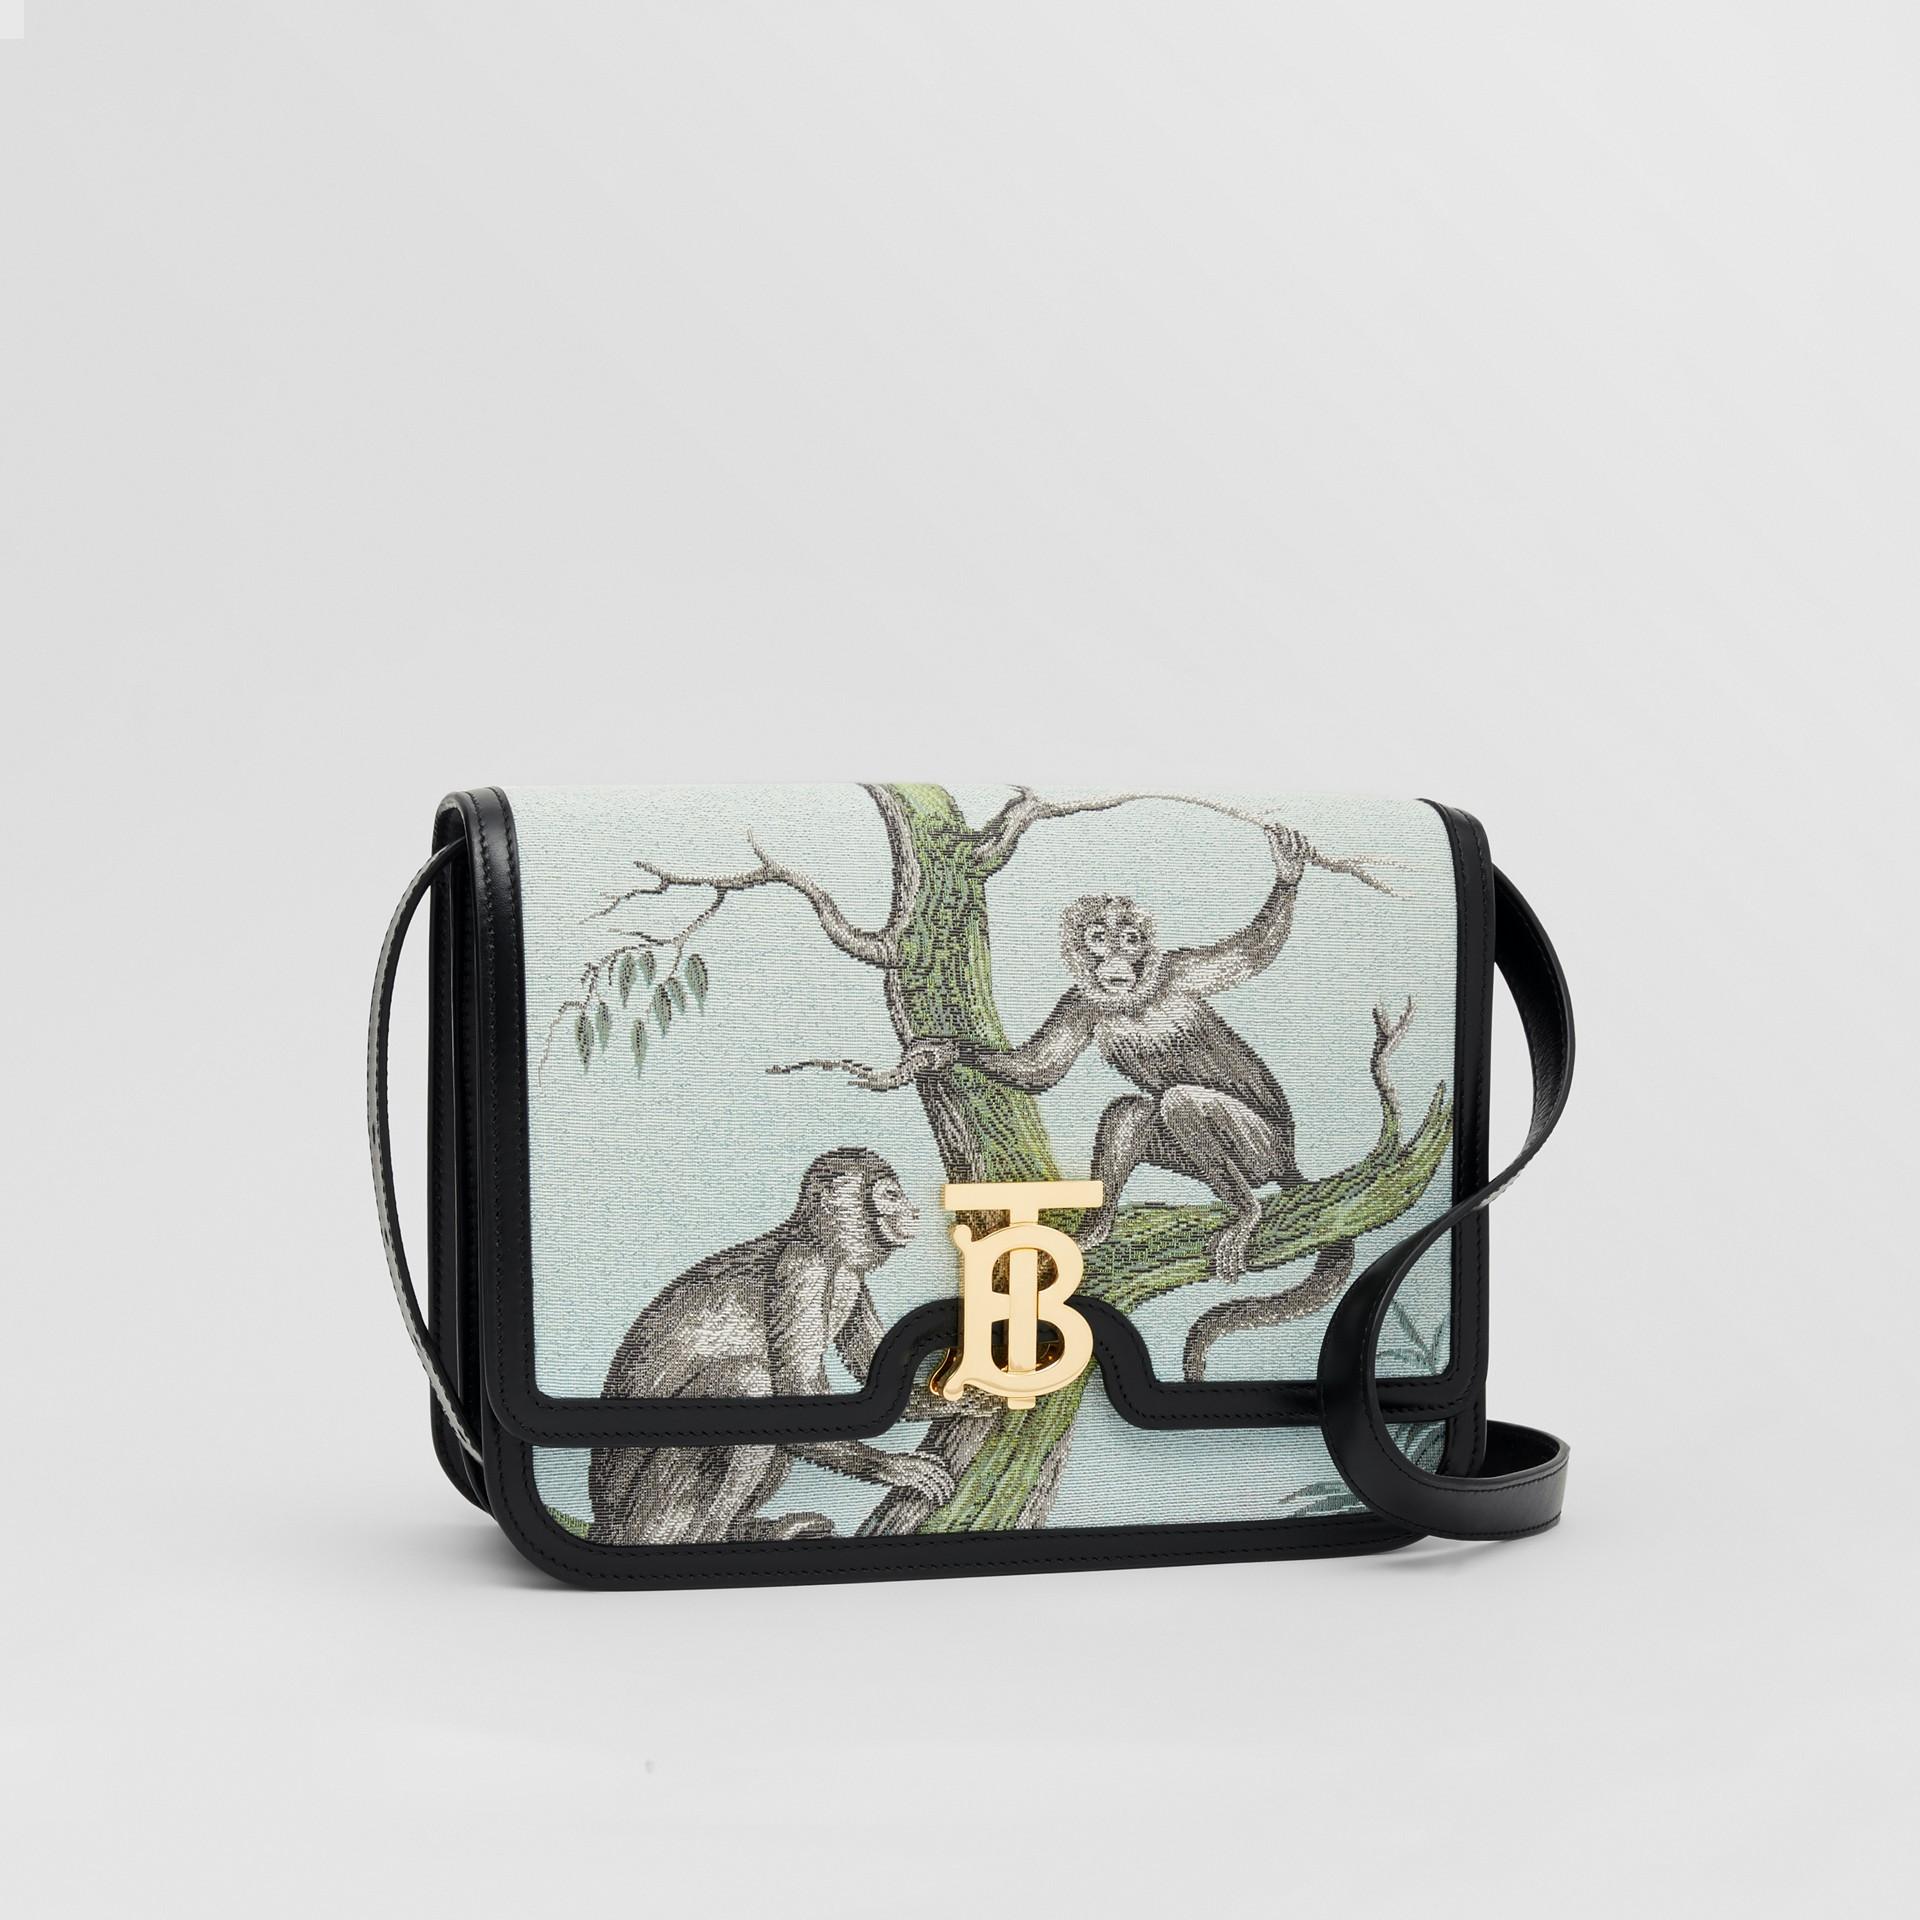 Bolsa TB de couro com recorte de macacos em jacquard - Pequena (Preto/verde Opala) - Mulheres | Burberry - galeria de imagens 6